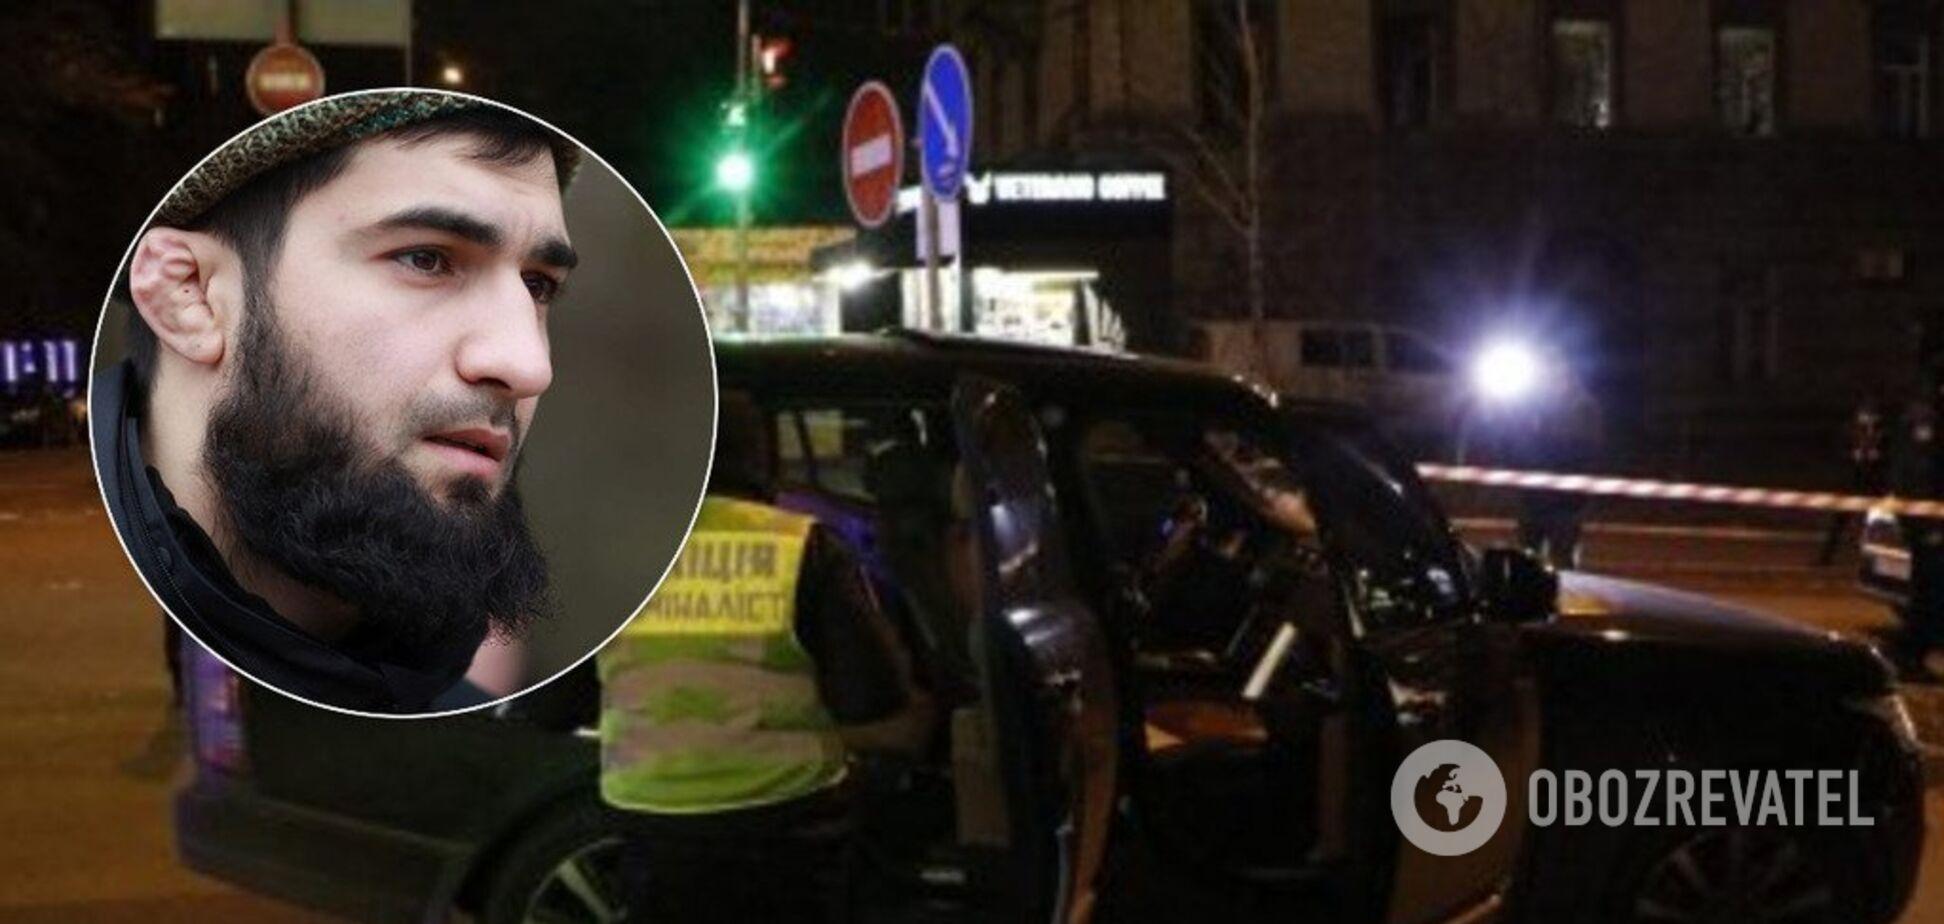 Син кандидата в президенти: з'ясувалися деталі про вбивство дитини депутата Соболєва